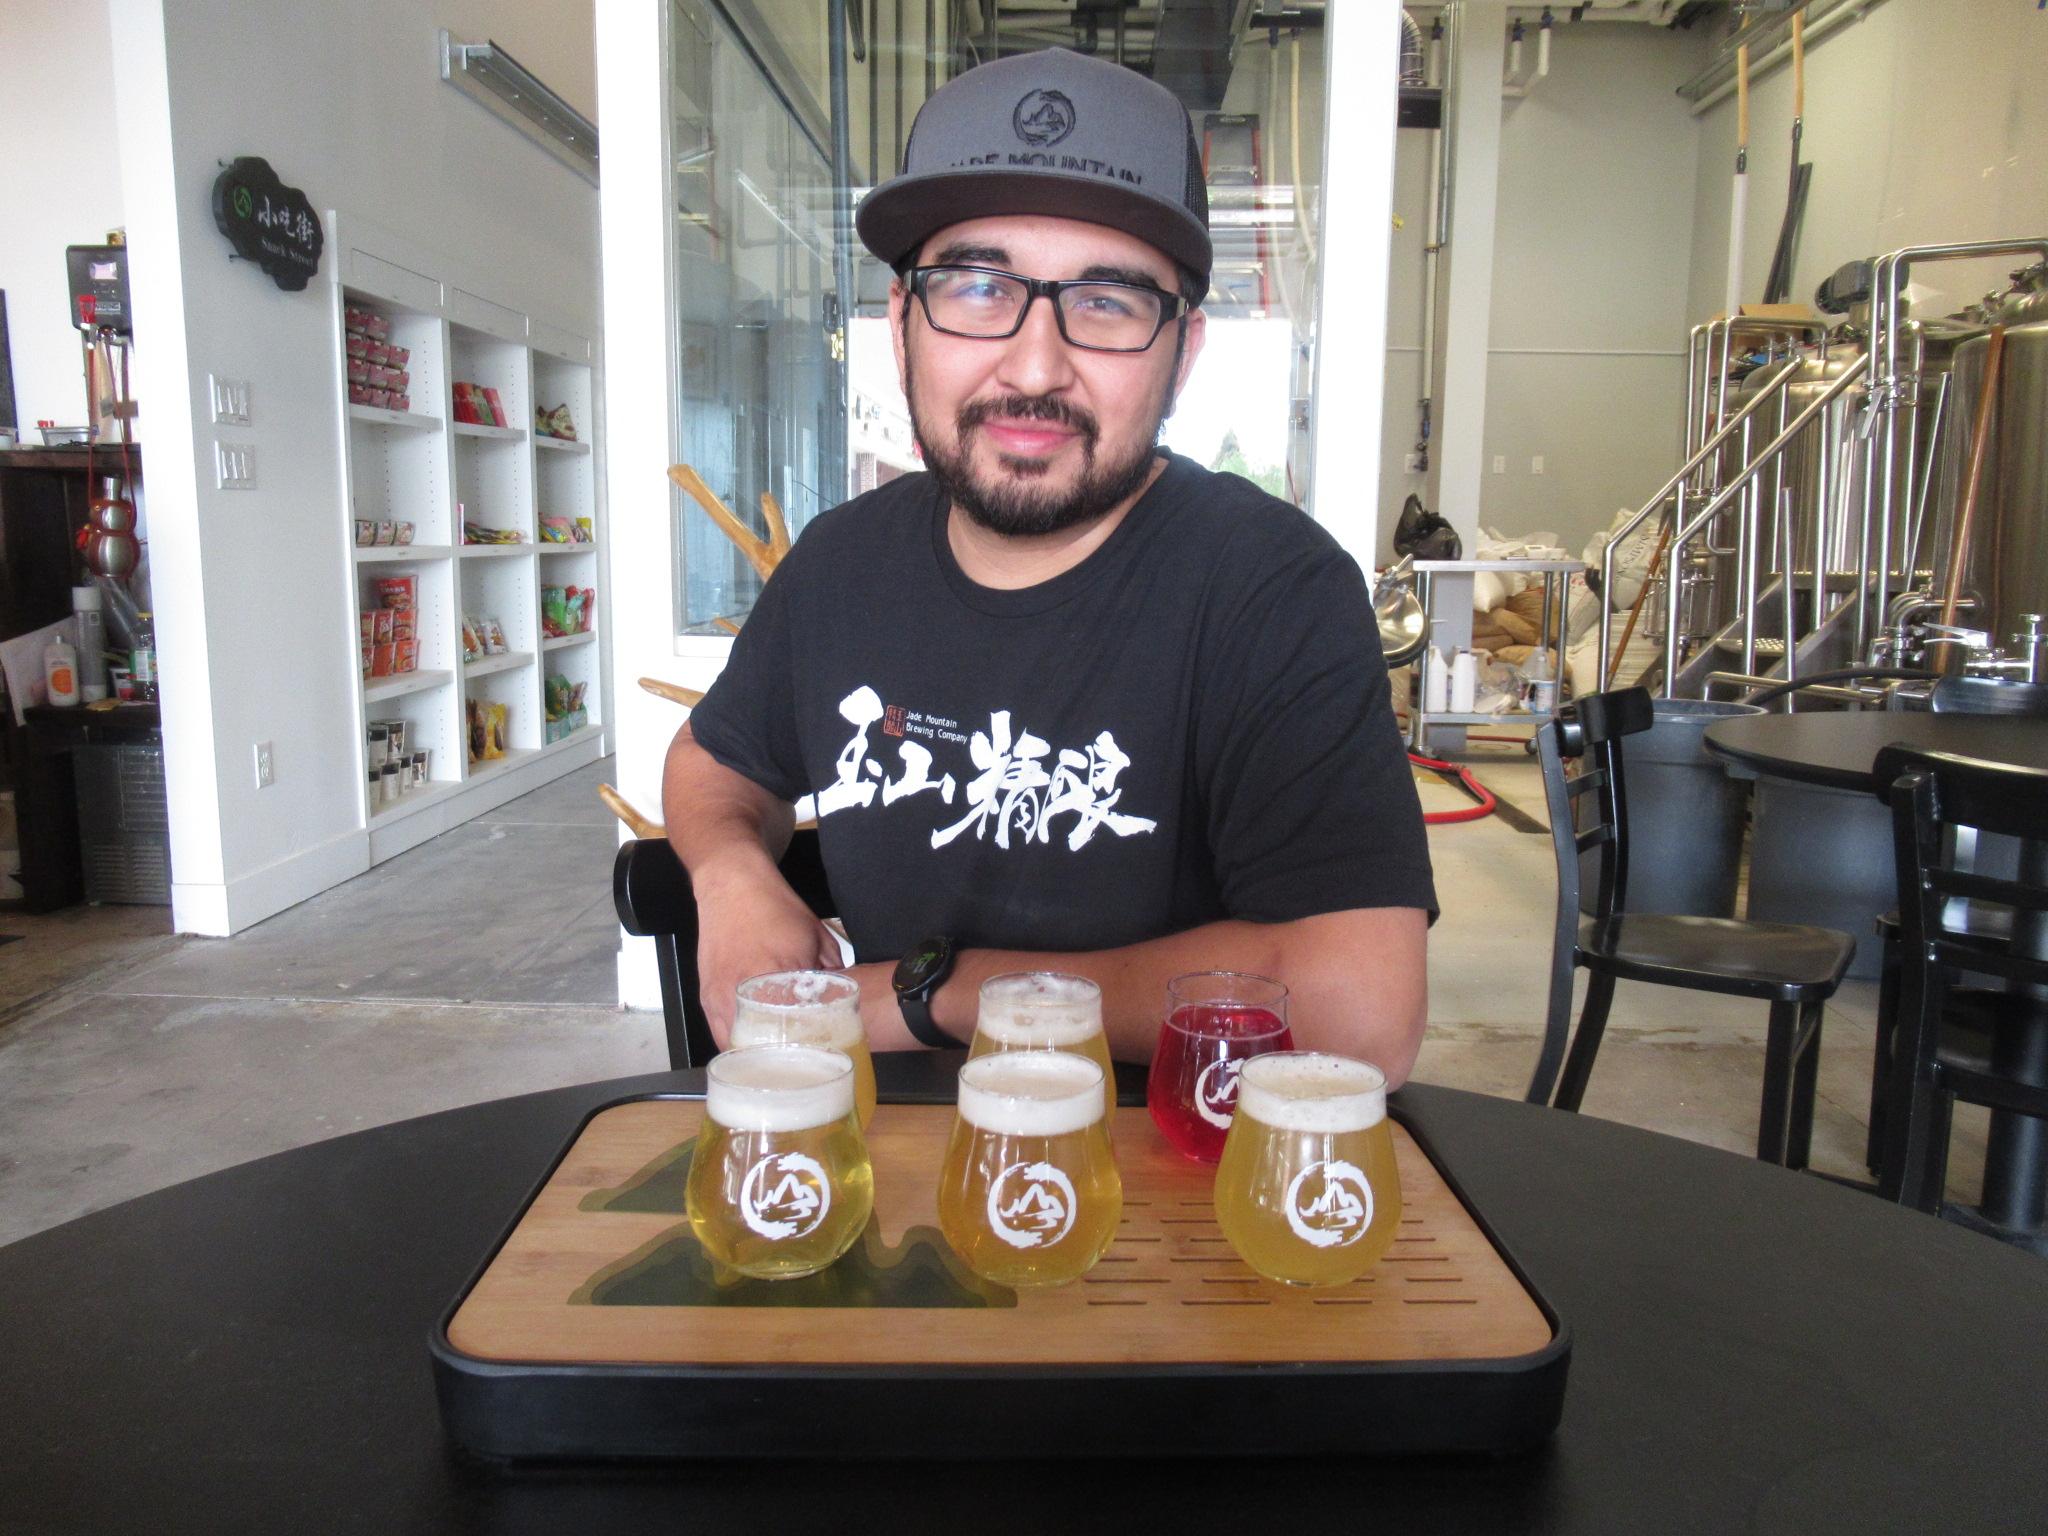 Jade Mountain beers